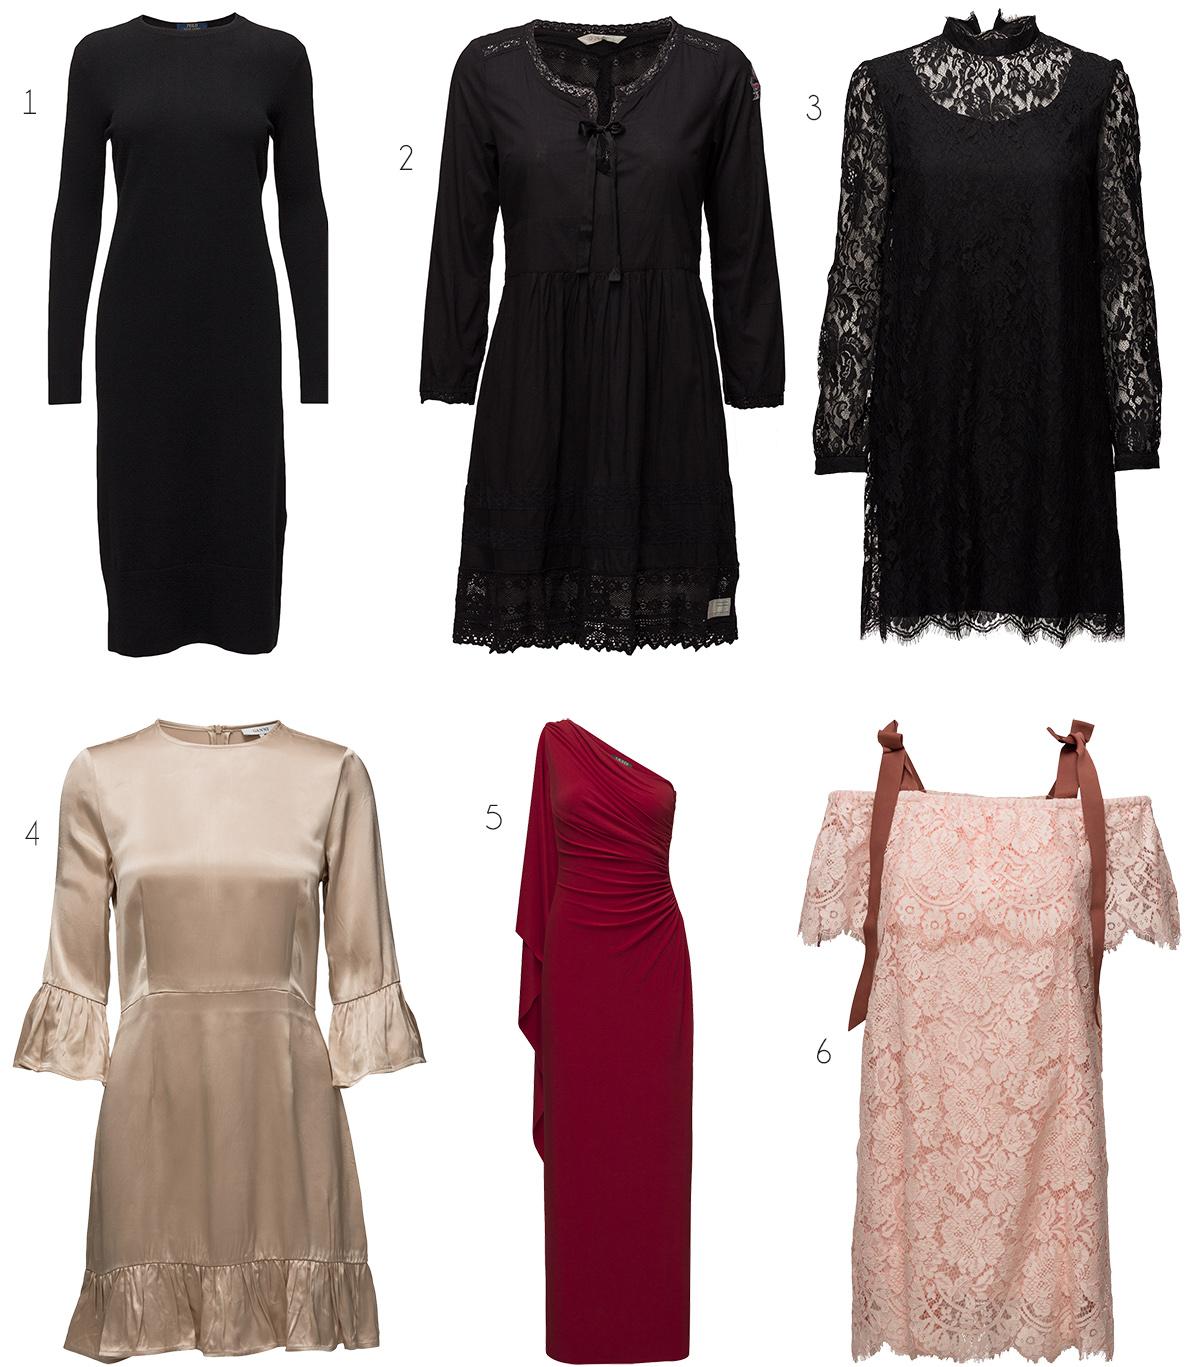 klänningar boozt dubbel rabatt